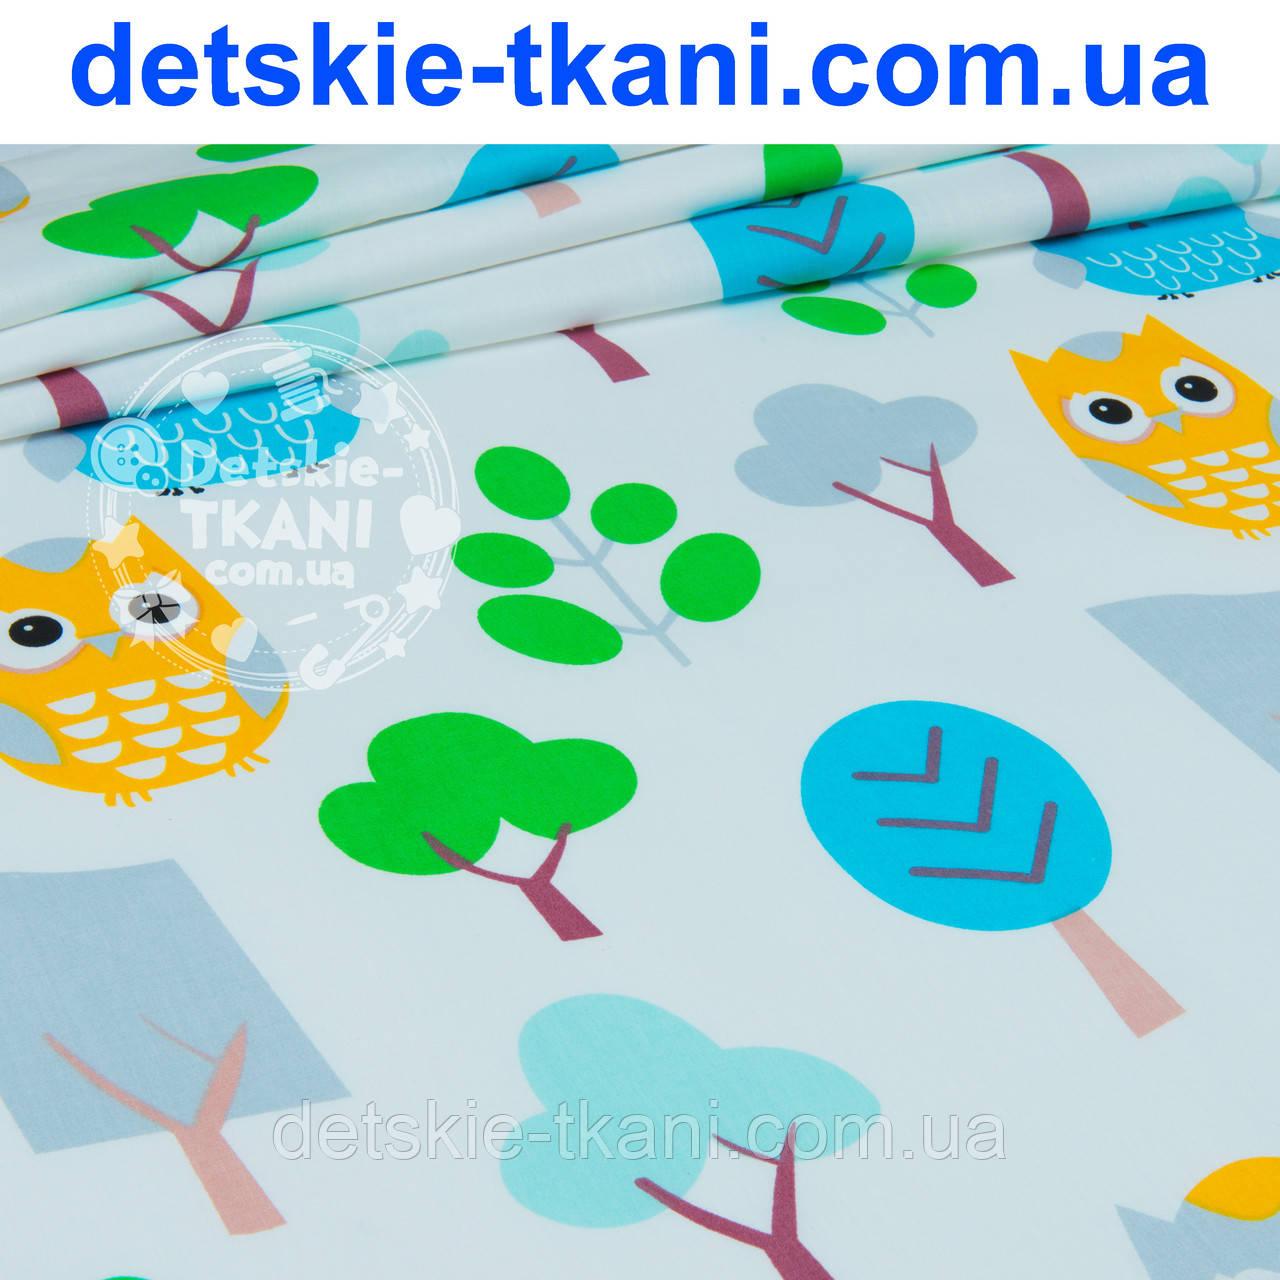 """Ткань бязь """"Серо-жёлтые совы с бирюзовыми деревьями"""" на белом фоне, № 935а"""